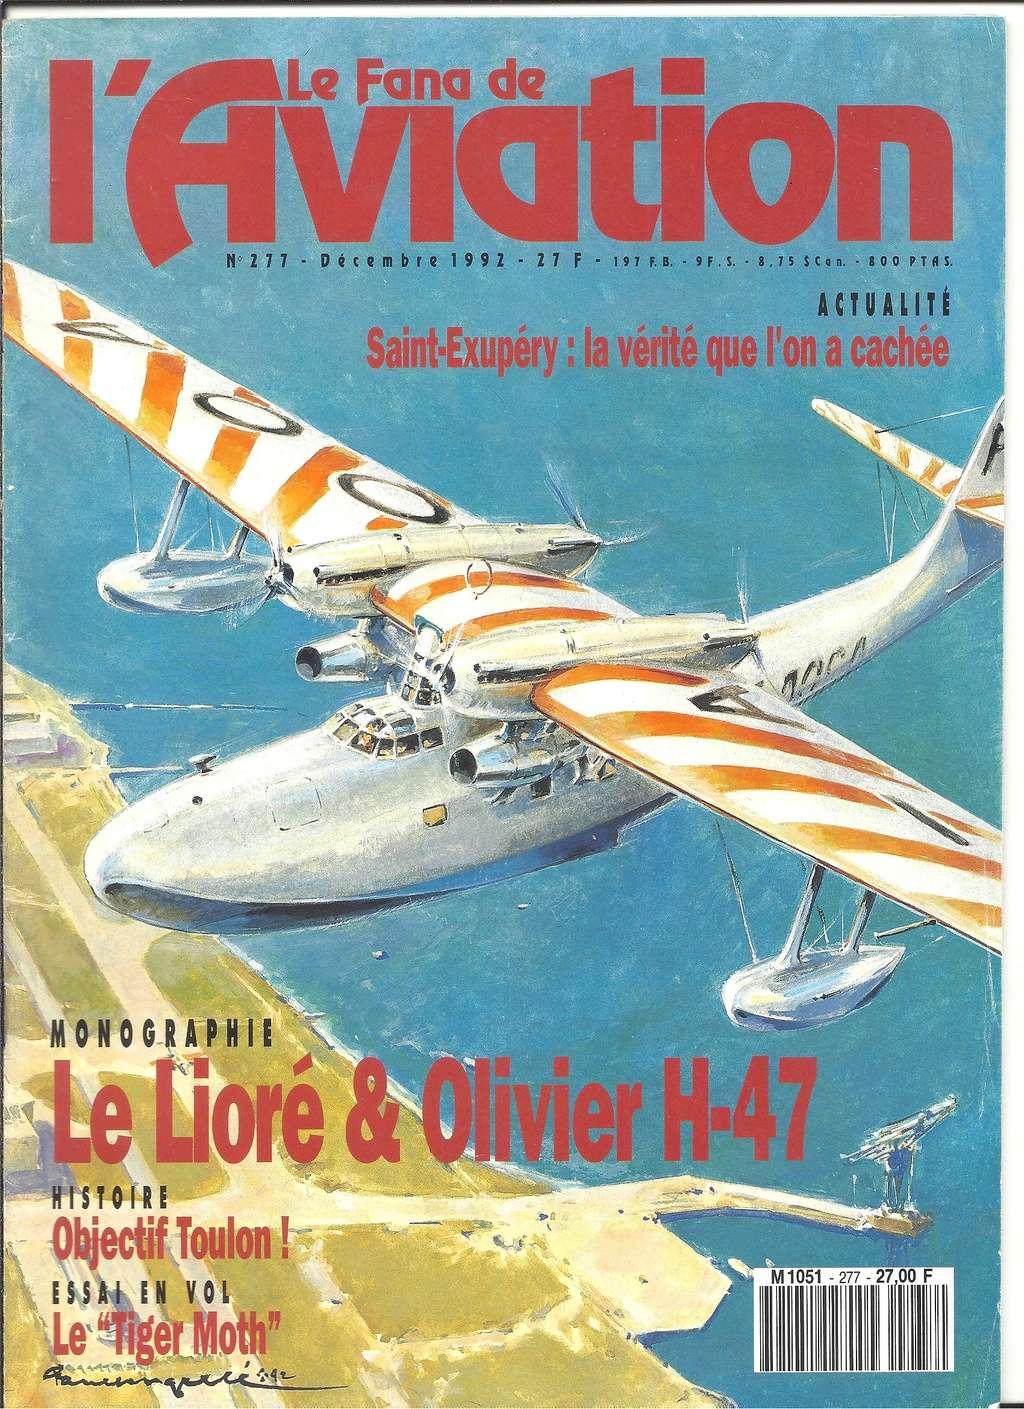 Comparatif DASSAULT MIRAGE 2000 C & N HELLER / ITALERI 1/72ème  Revue156